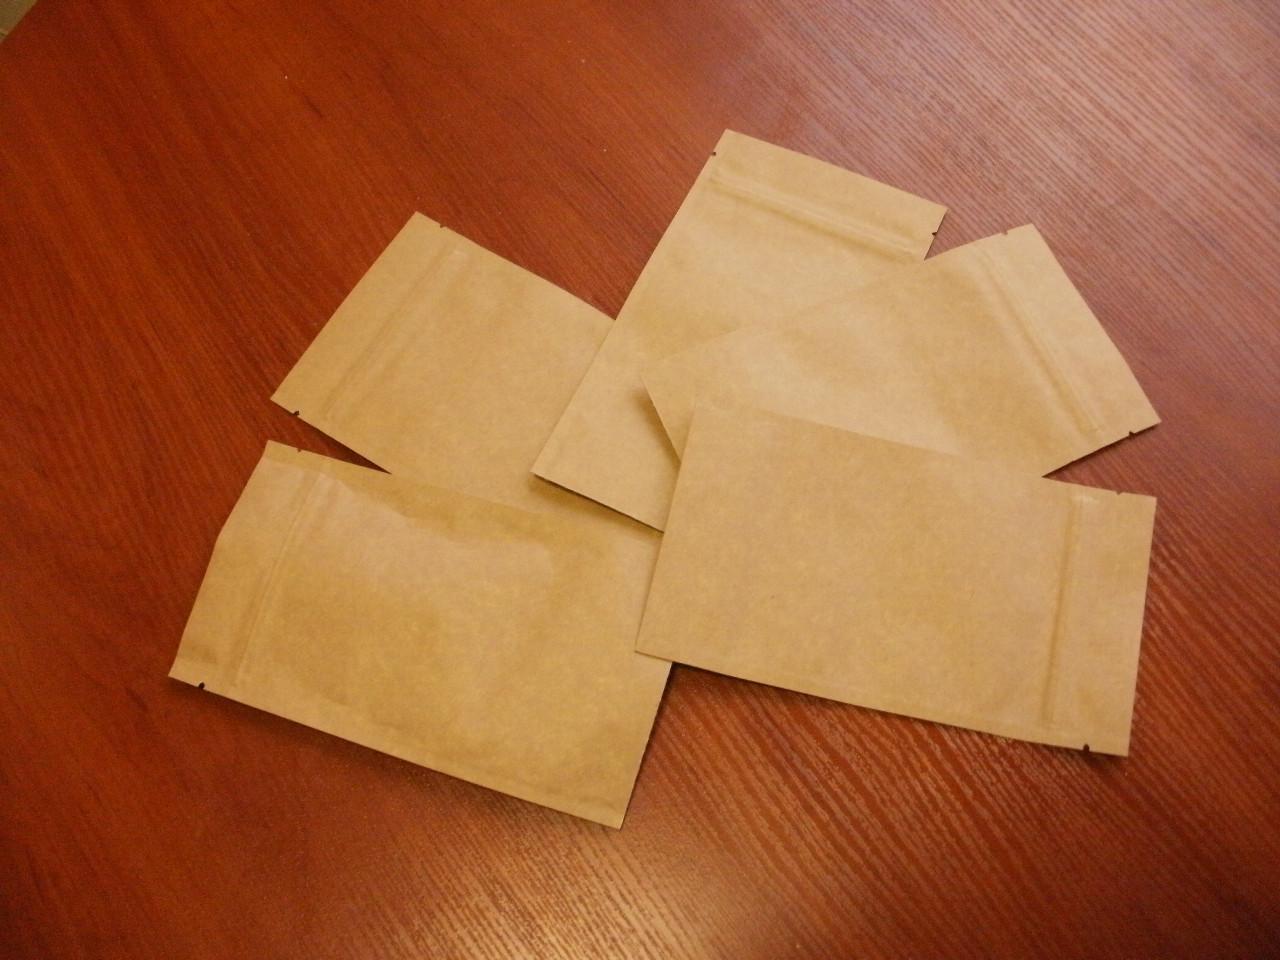 """Крафт-пакеты Дой-пак фольгированные внутри, застежка зип-лок/струна, упаковка чая,кофе,конфет - Чайная лавка """"Кавай"""" в Бердянске"""